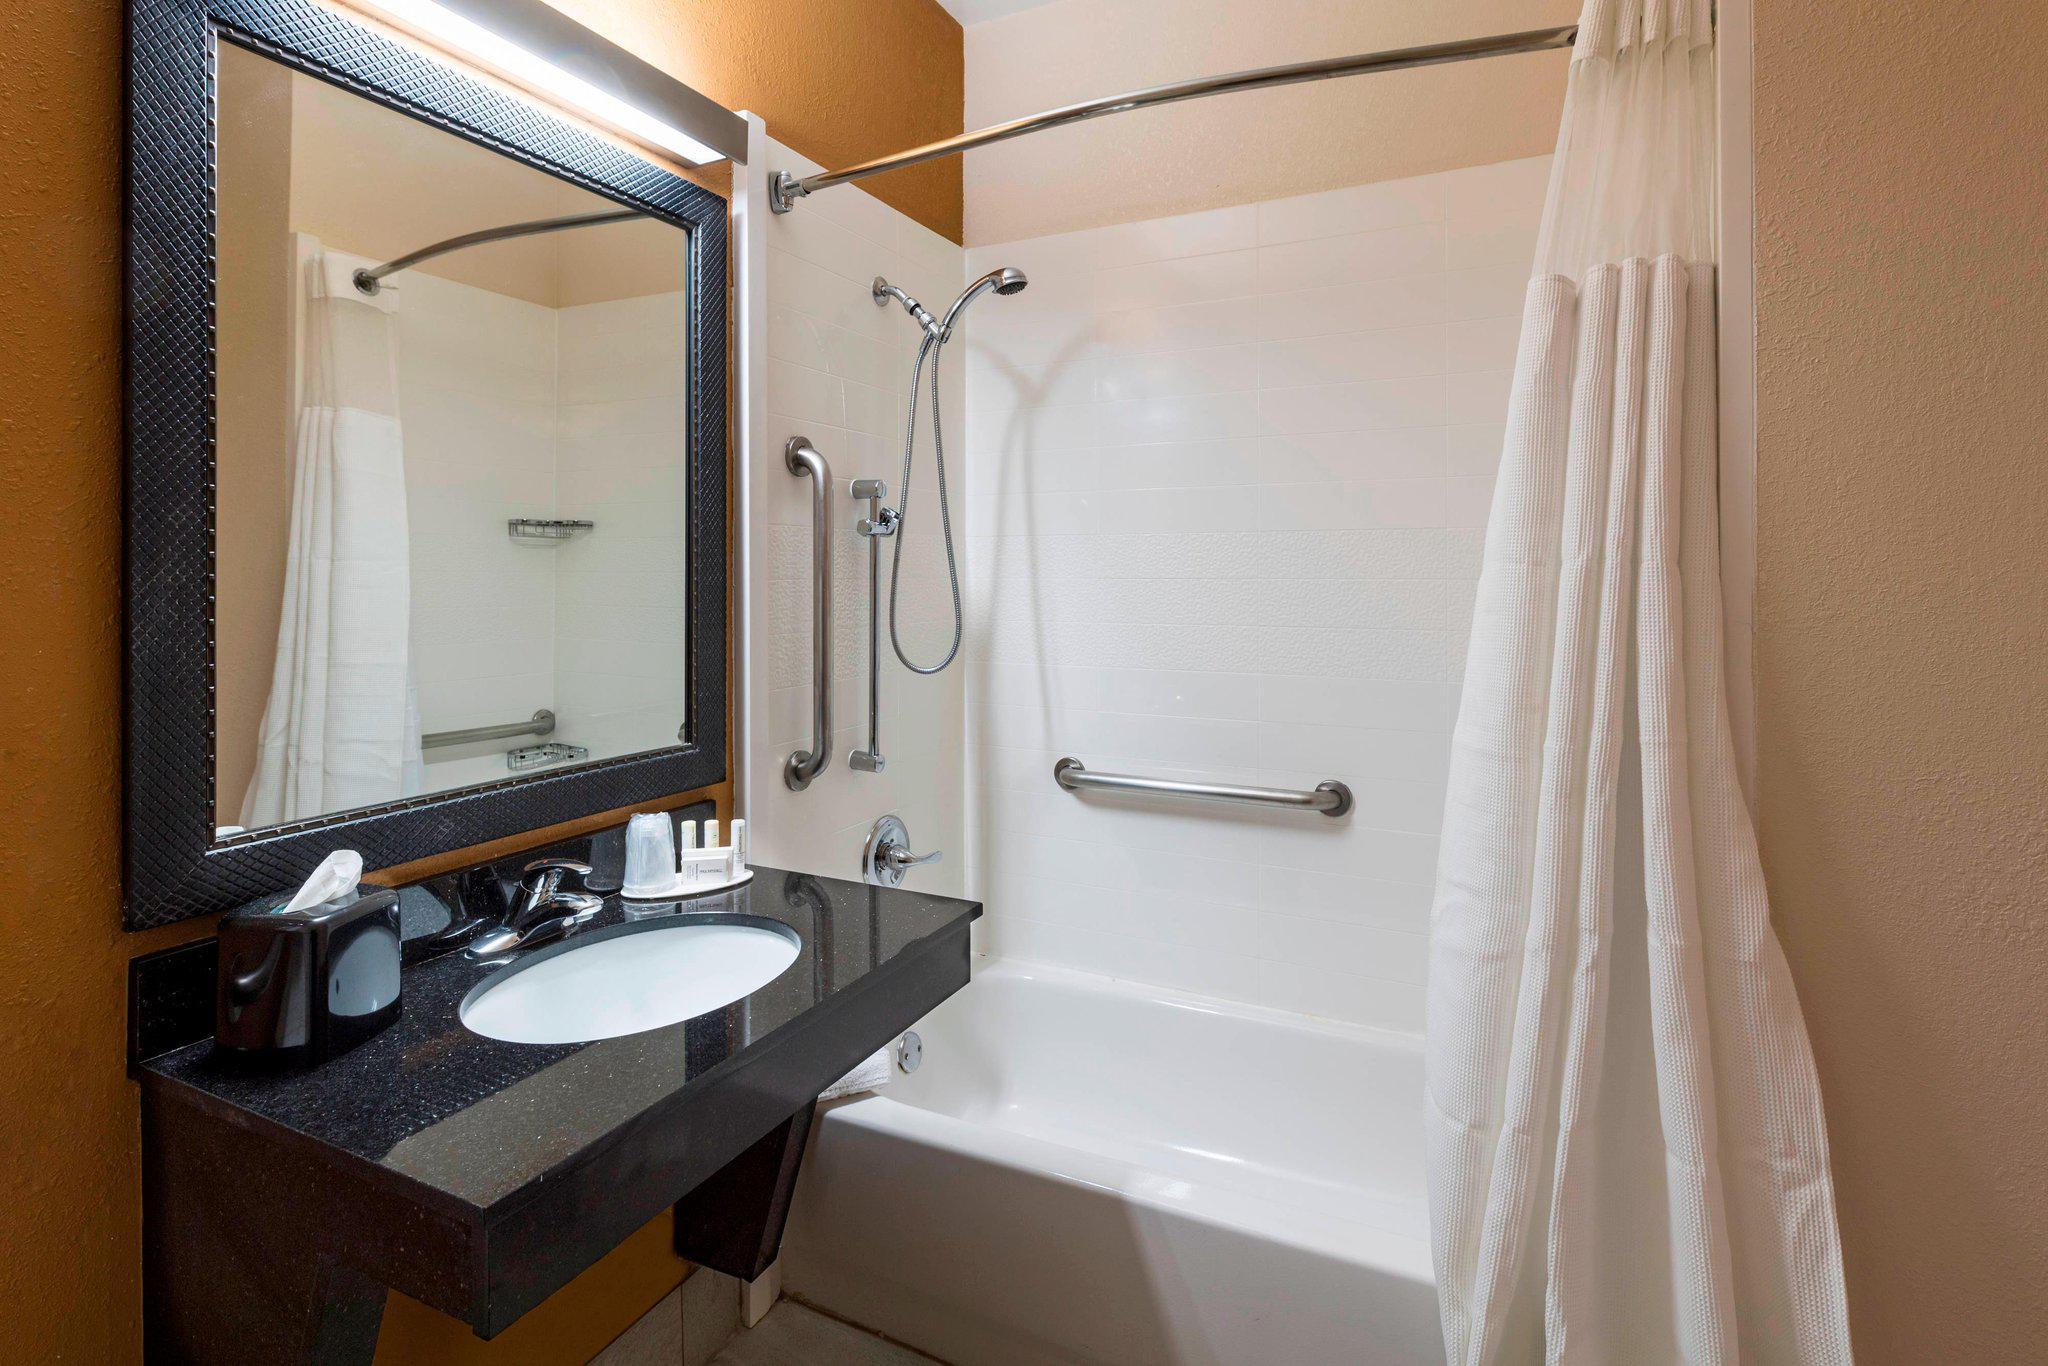 Fairfield Inn & Suites by Marriott St. Petersburg Clearwater